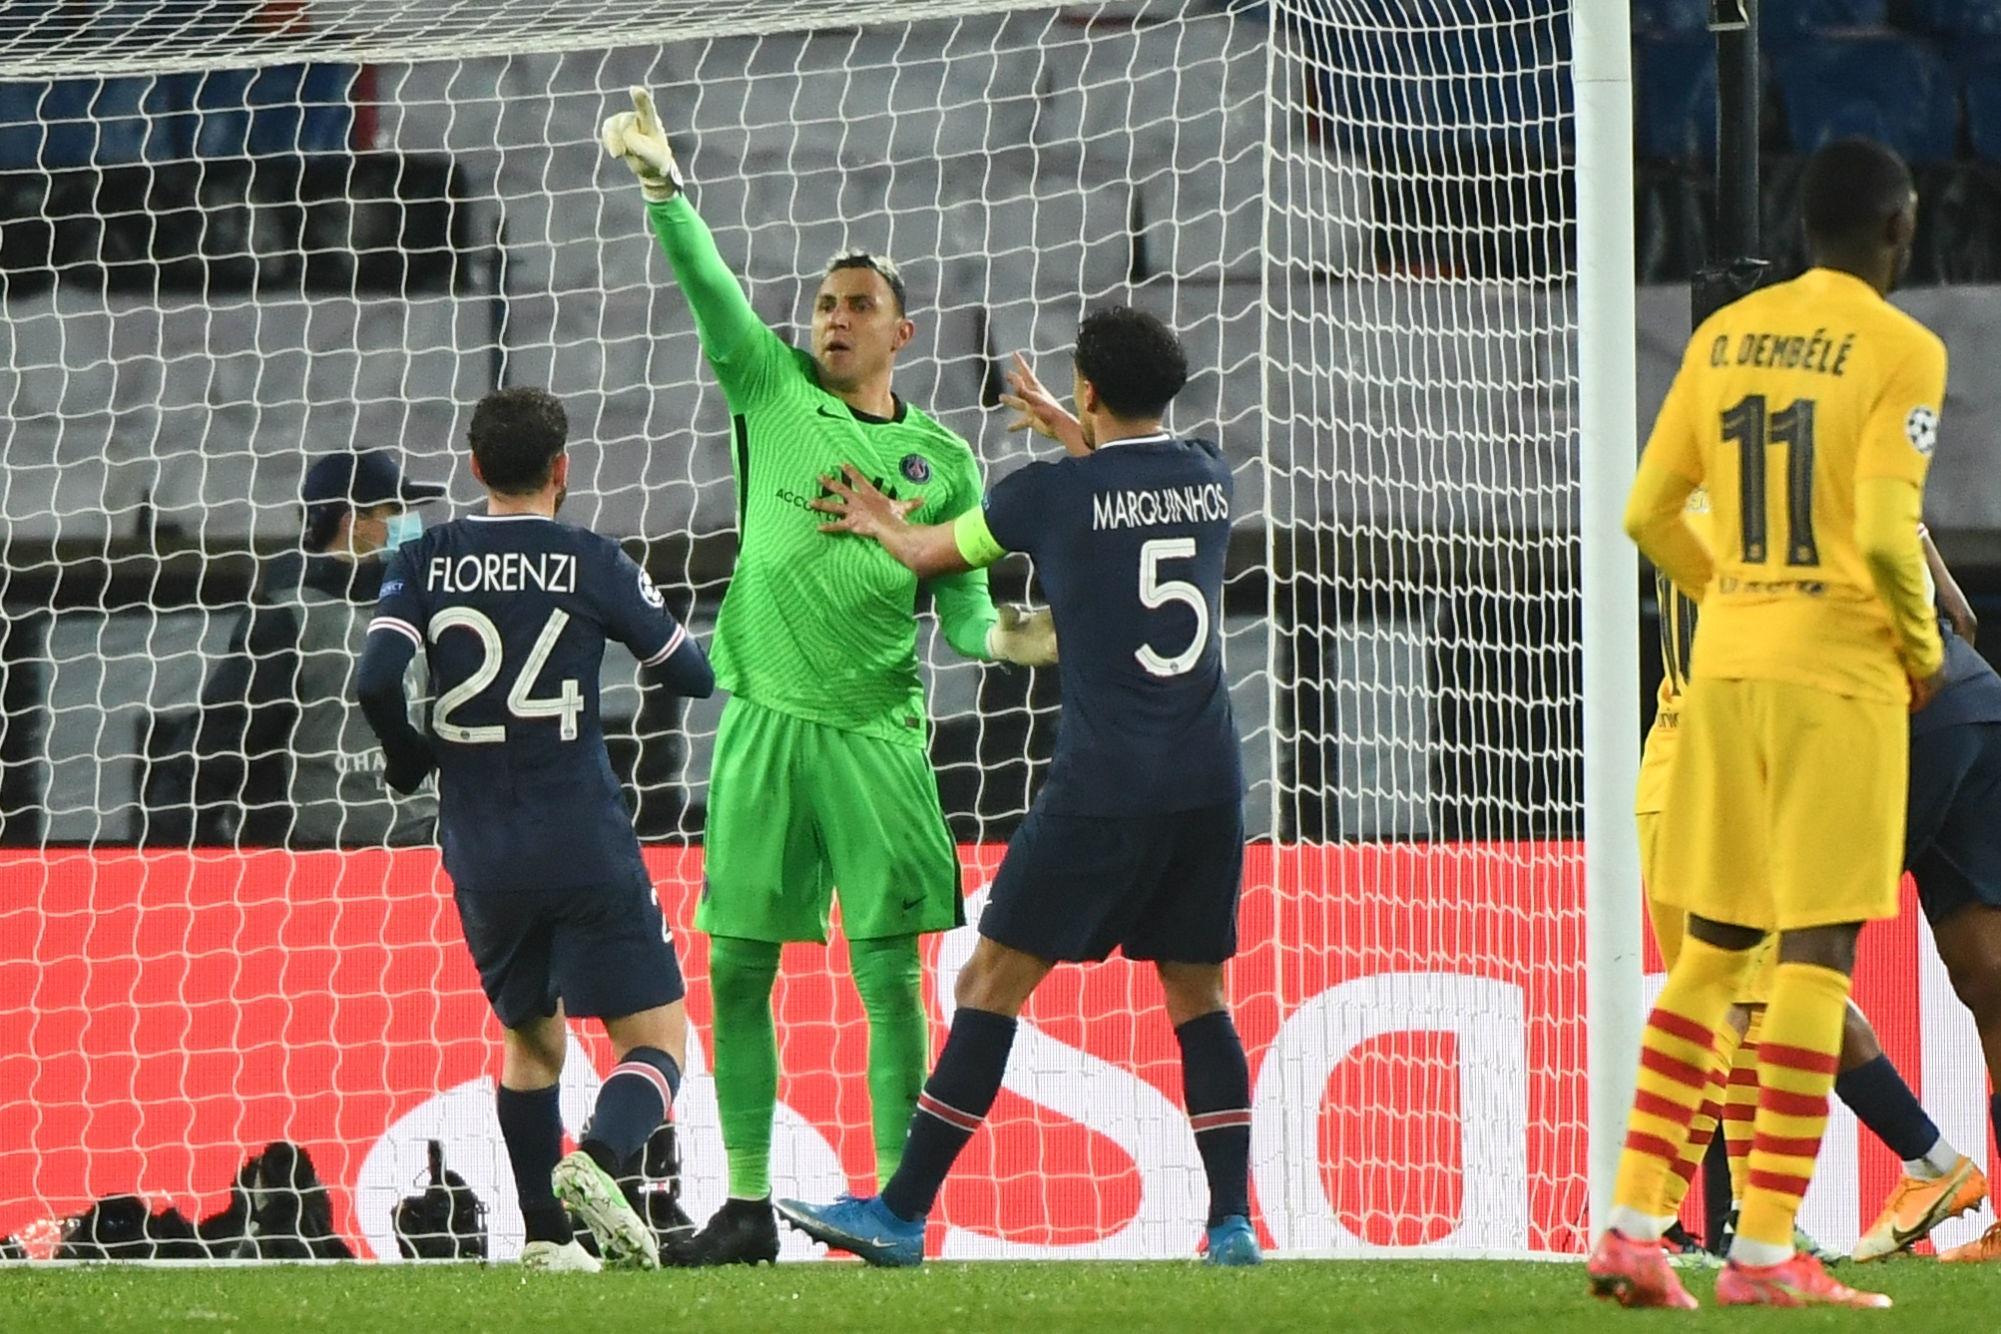 PSG/Barcelone - Les notes des Parisiens : Navas héros d'une qualification compliquée